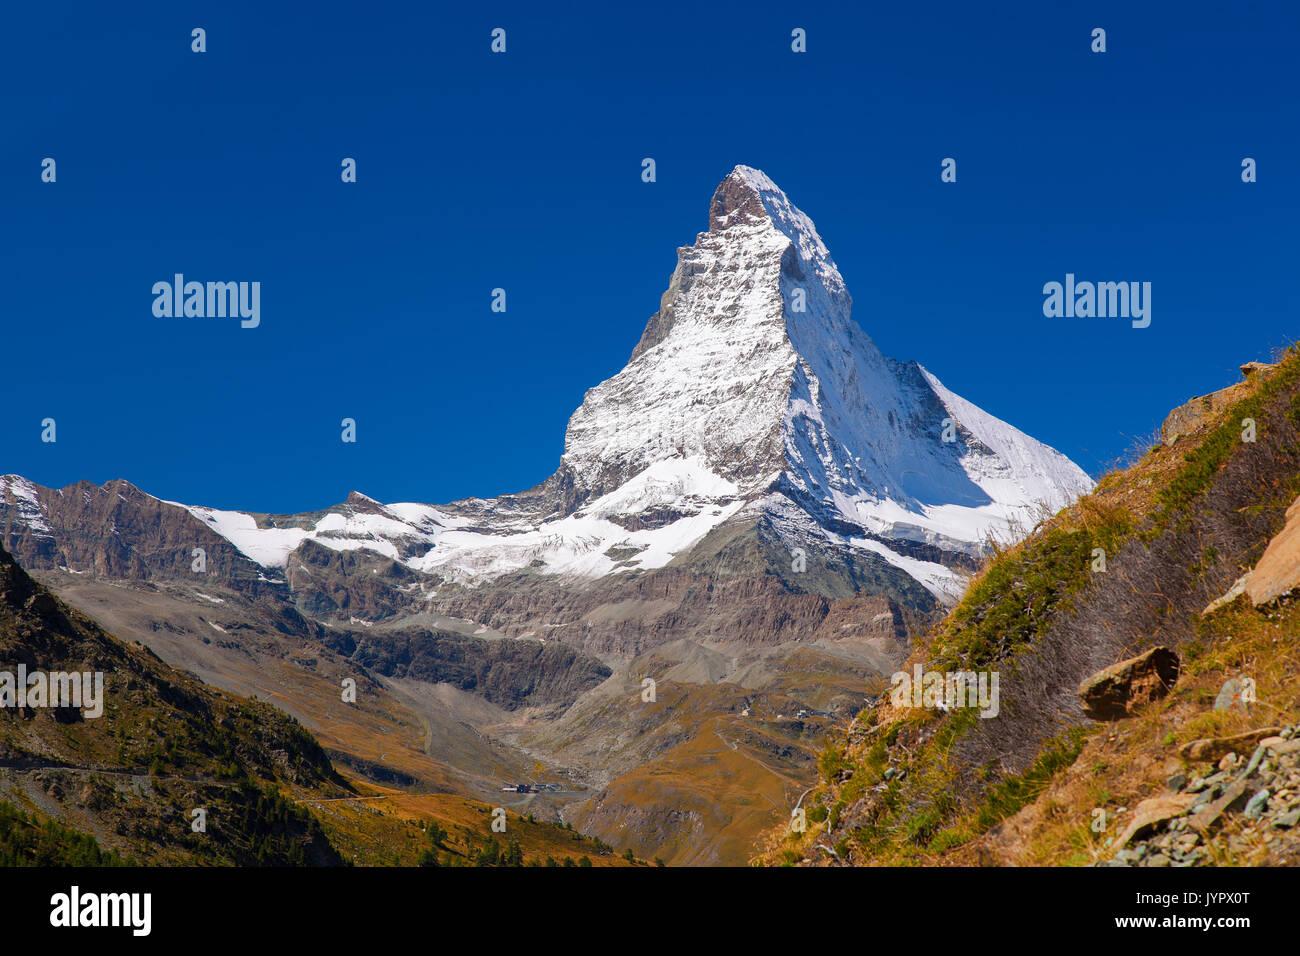 Matterhorn peak against blue sky in Swiss Alps, Zermatt area - Stock Image